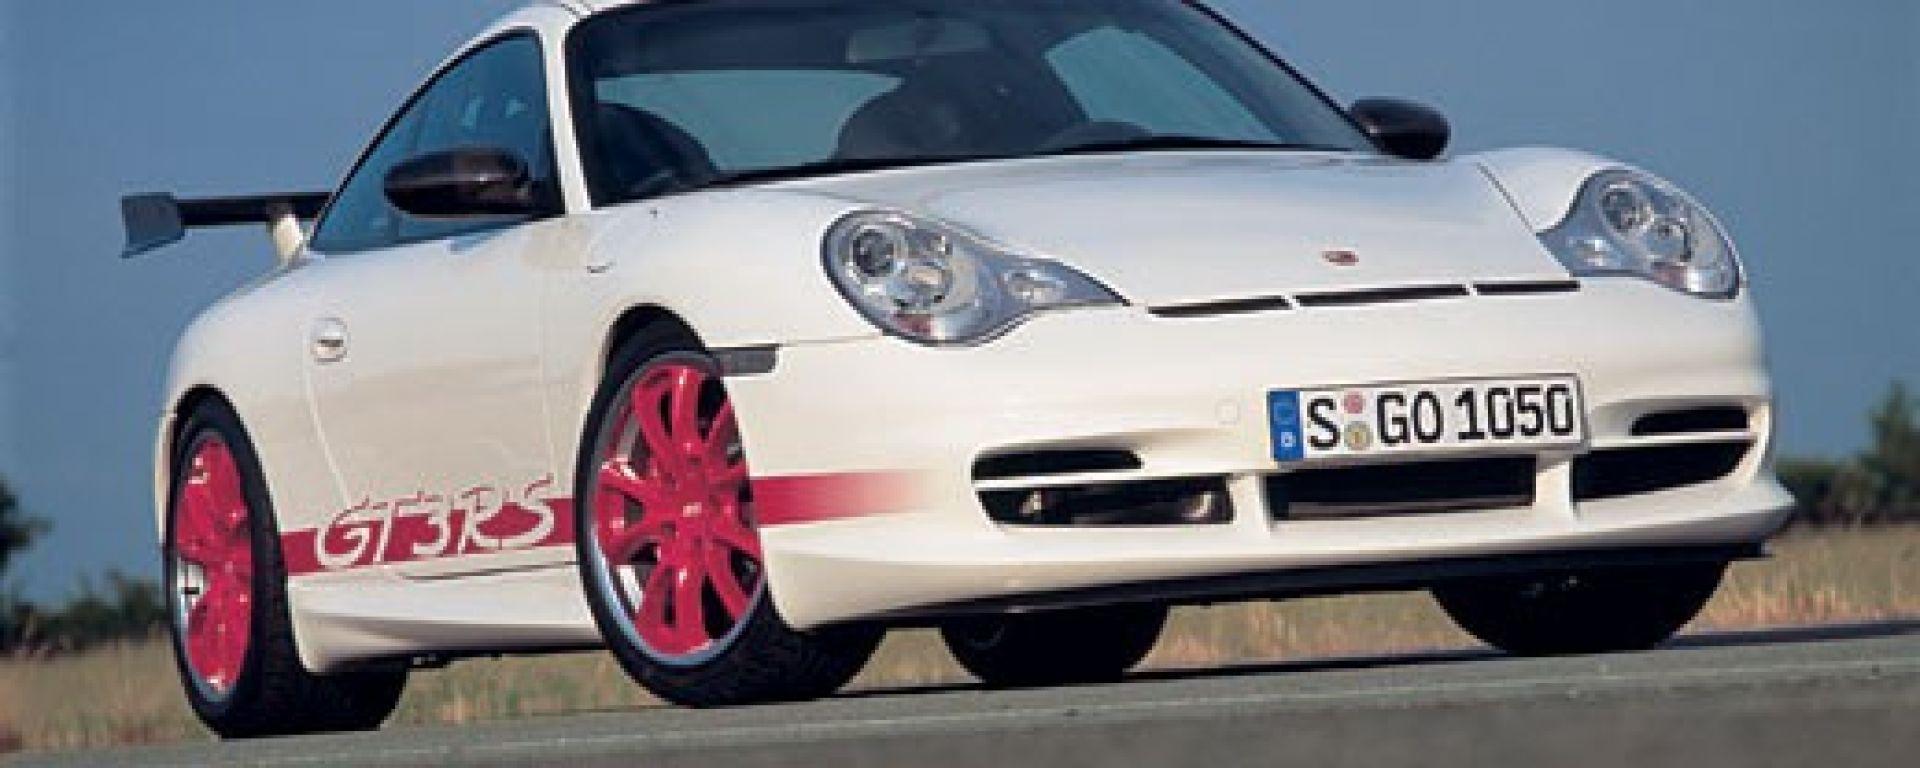 Grandi ritorni:Porsche 911 GT3 RS Anniversary